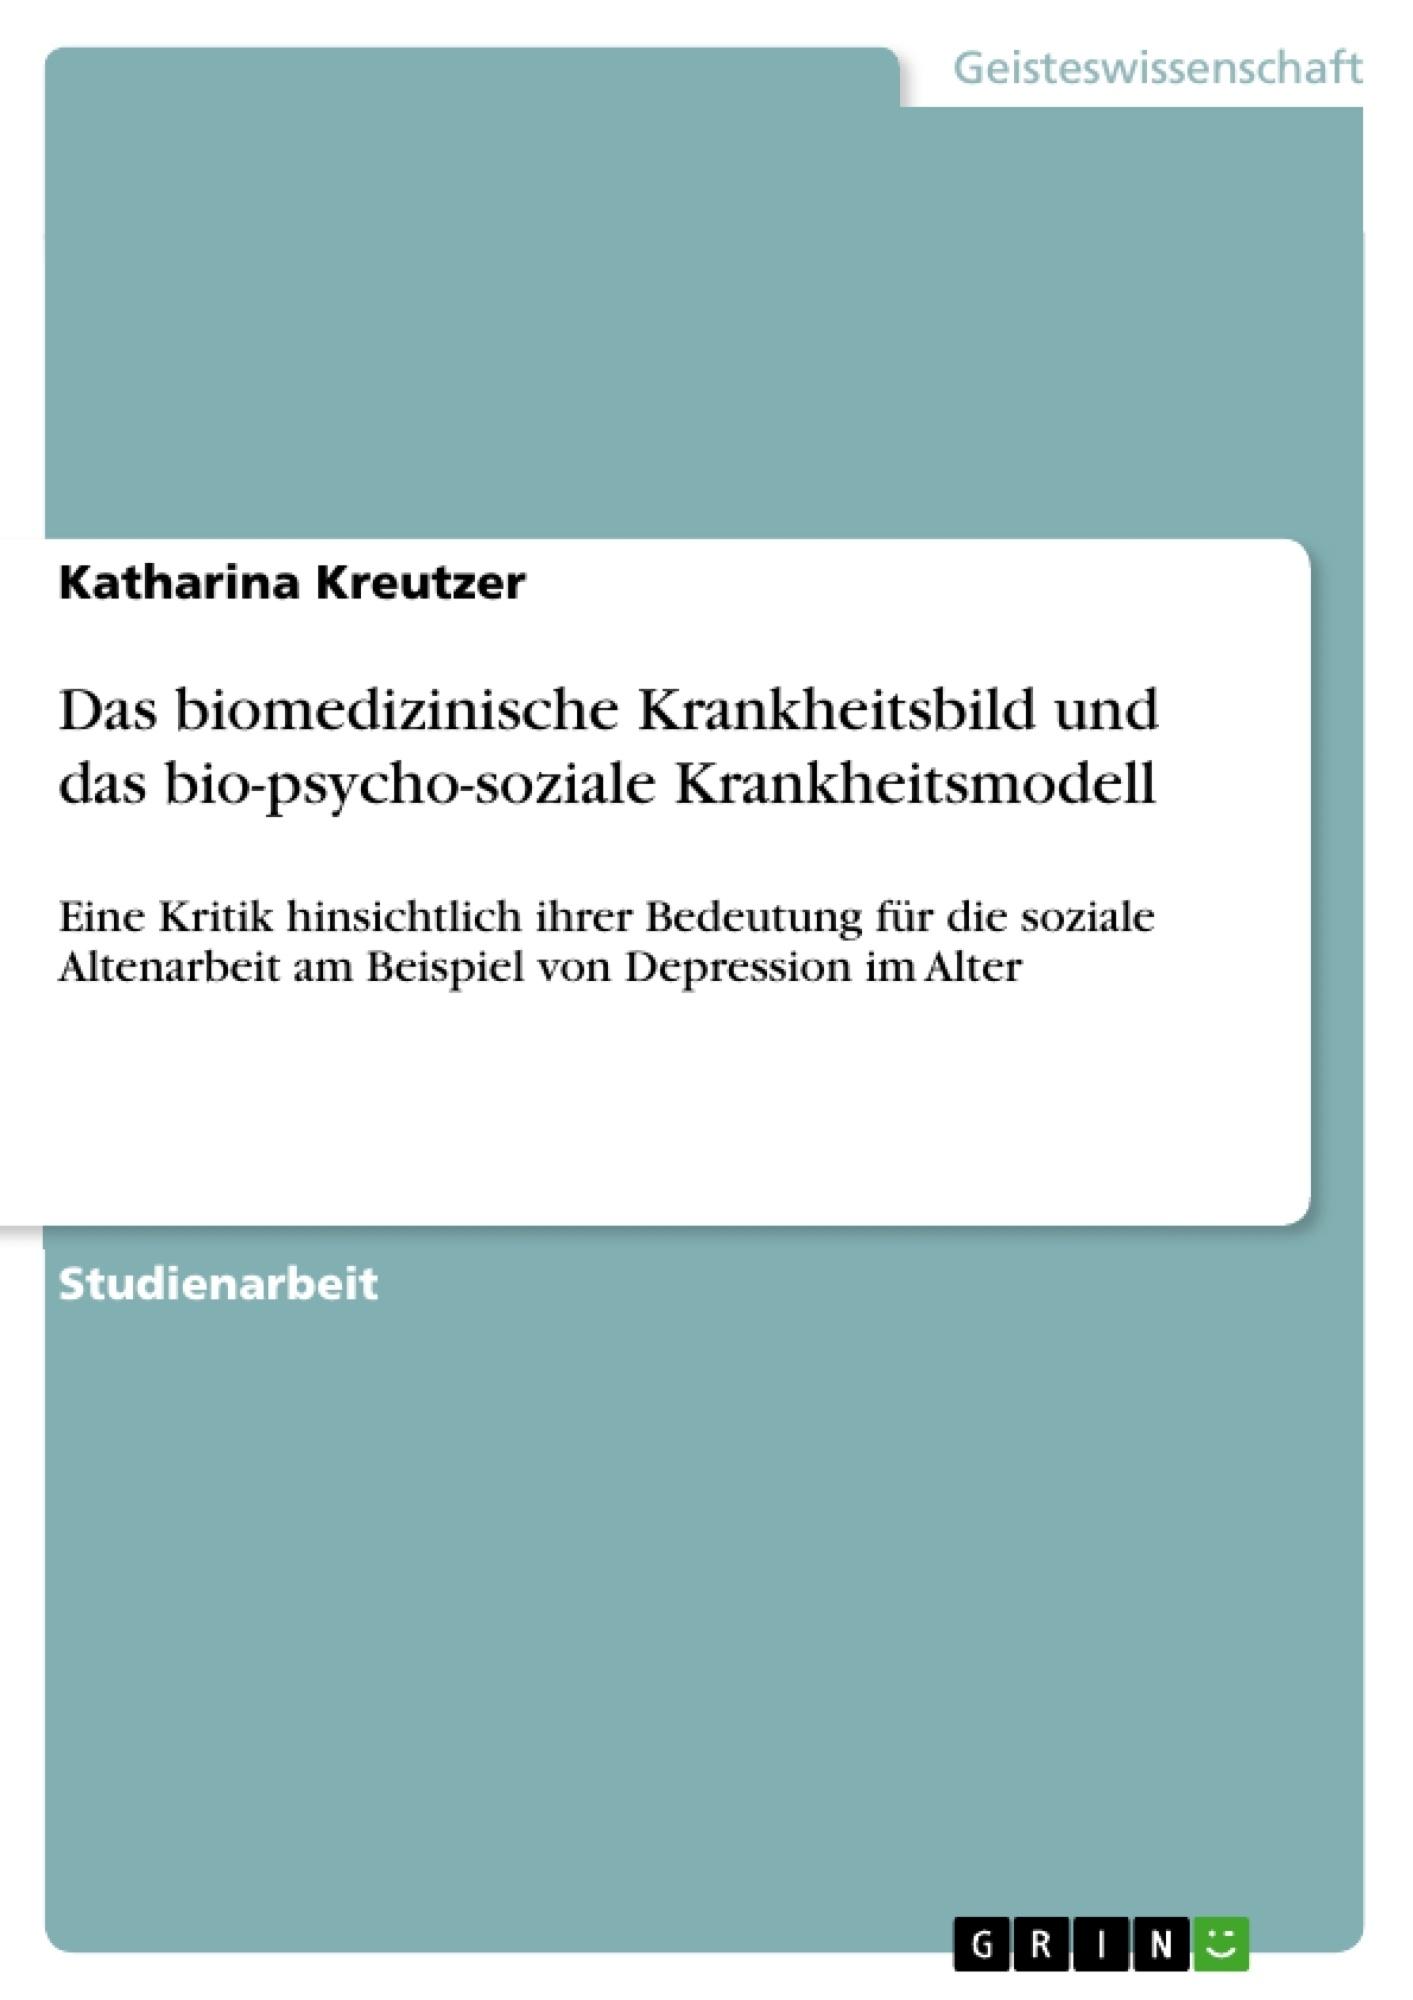 Titel: Das biomedizinische Krankheitsbild und das bio-psycho-soziale Krankheitsmodell